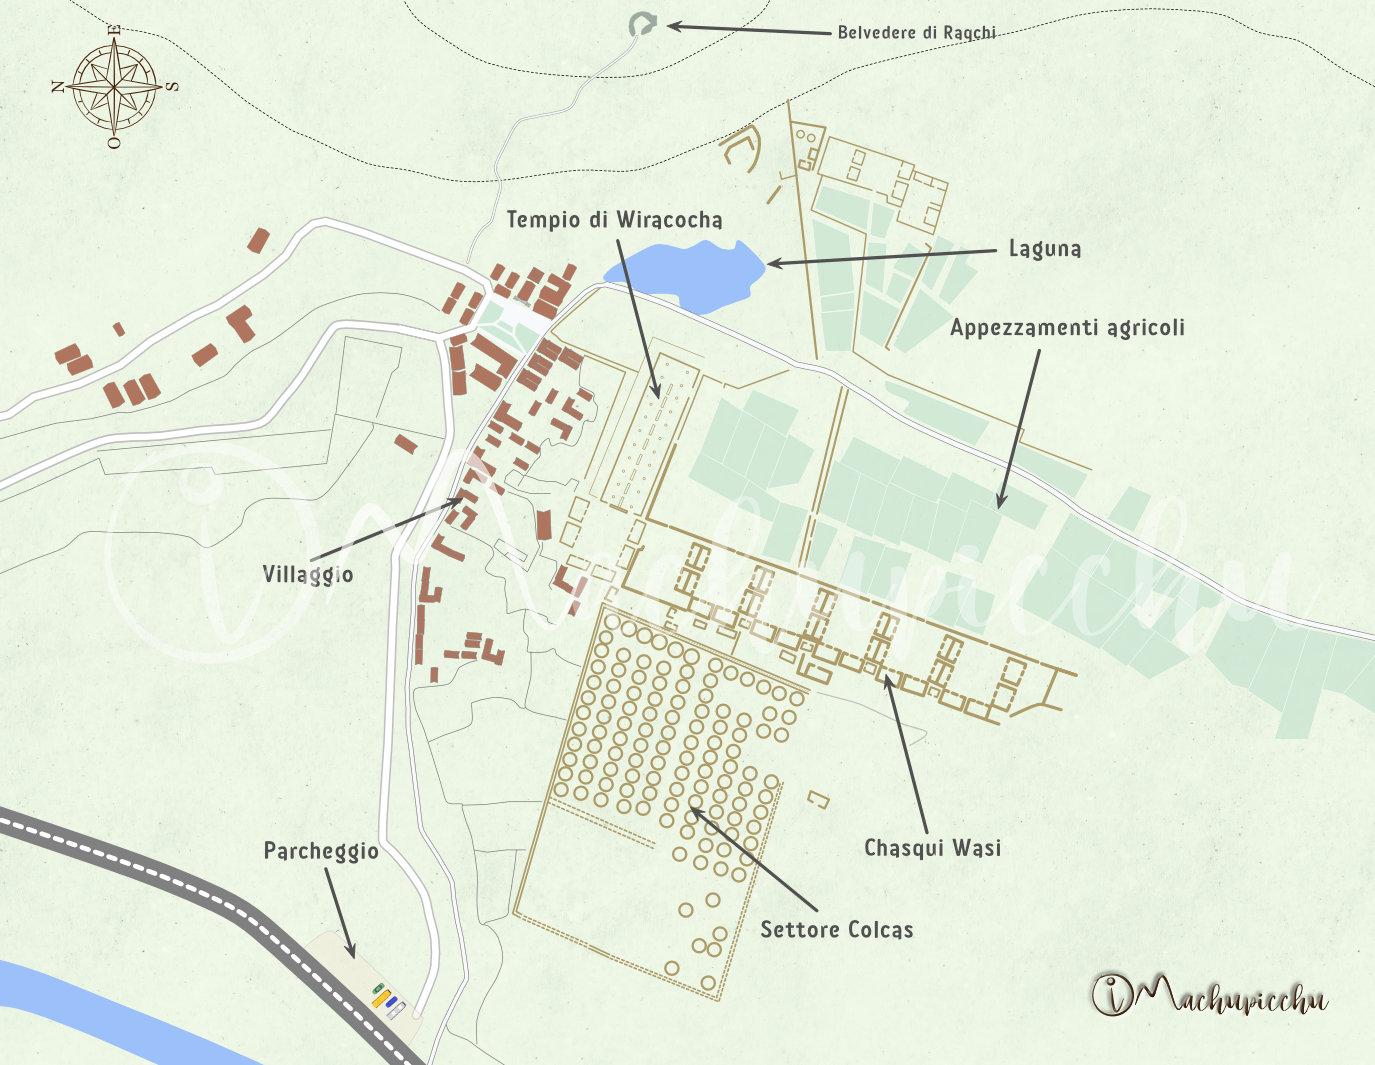 Mappa Raqchi